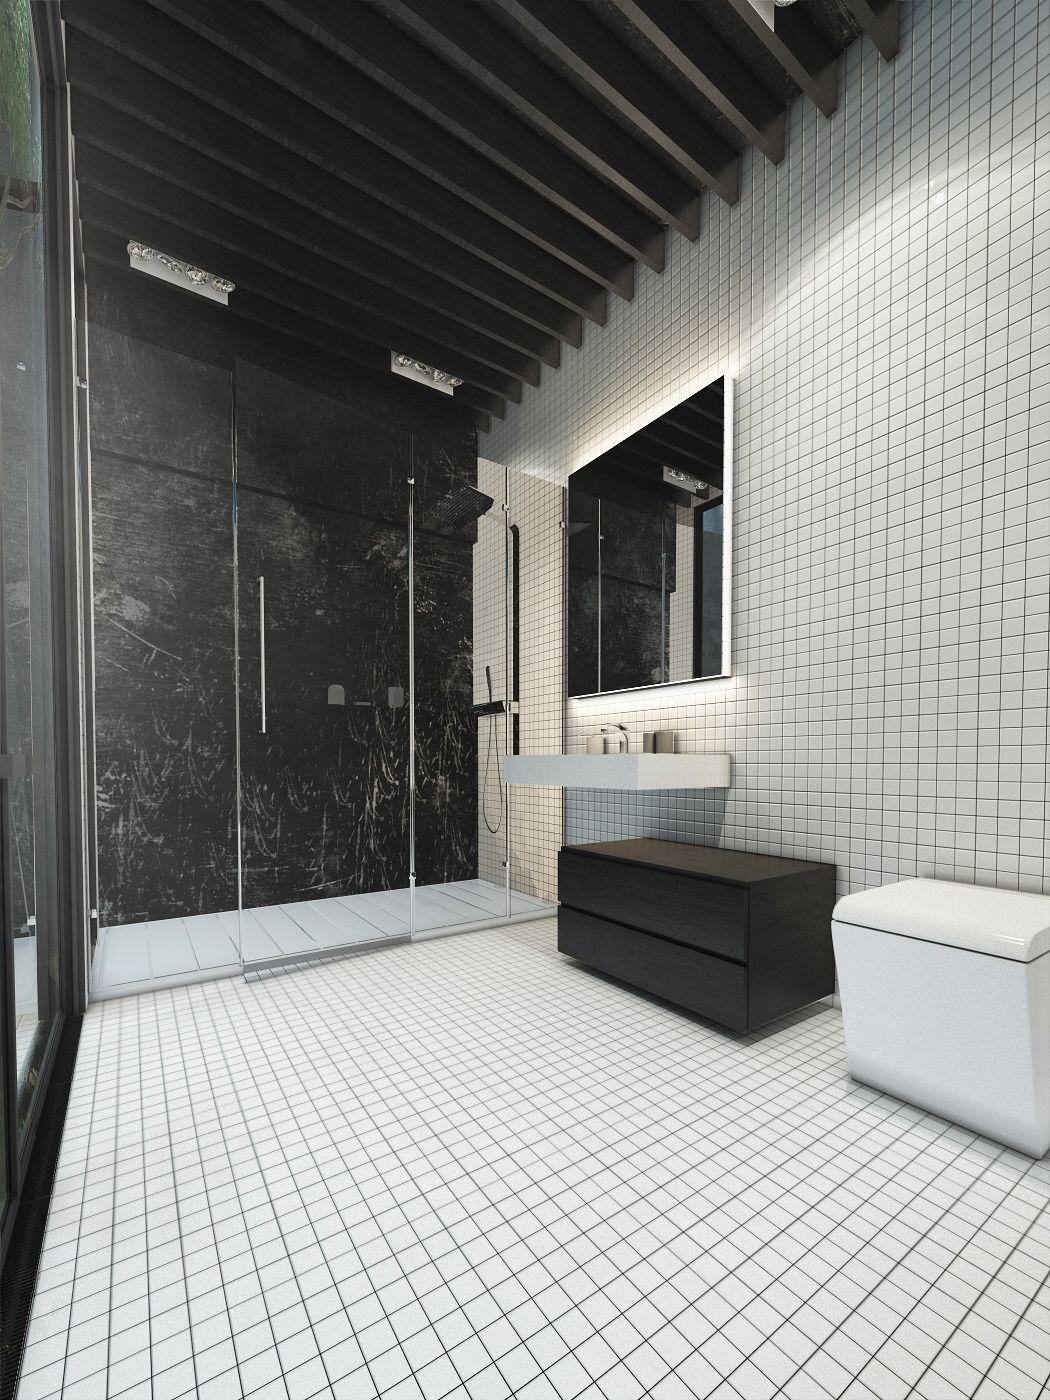 Dekorieren von dunklen und weißen Badezimmer Ideen mit einem coolen